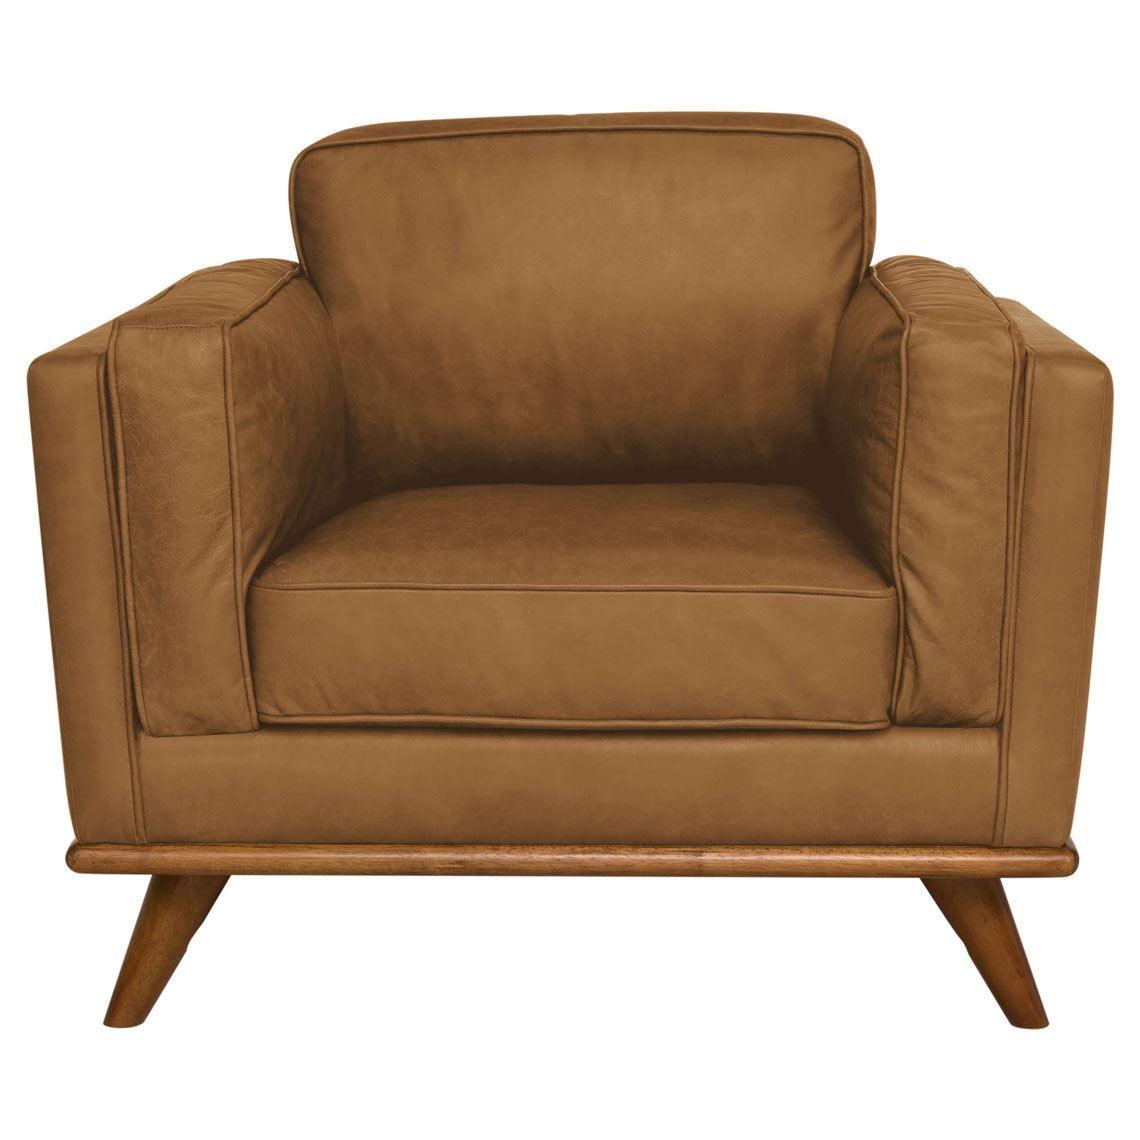 Dahlia Leather Armchair Armchair Leather Lounge